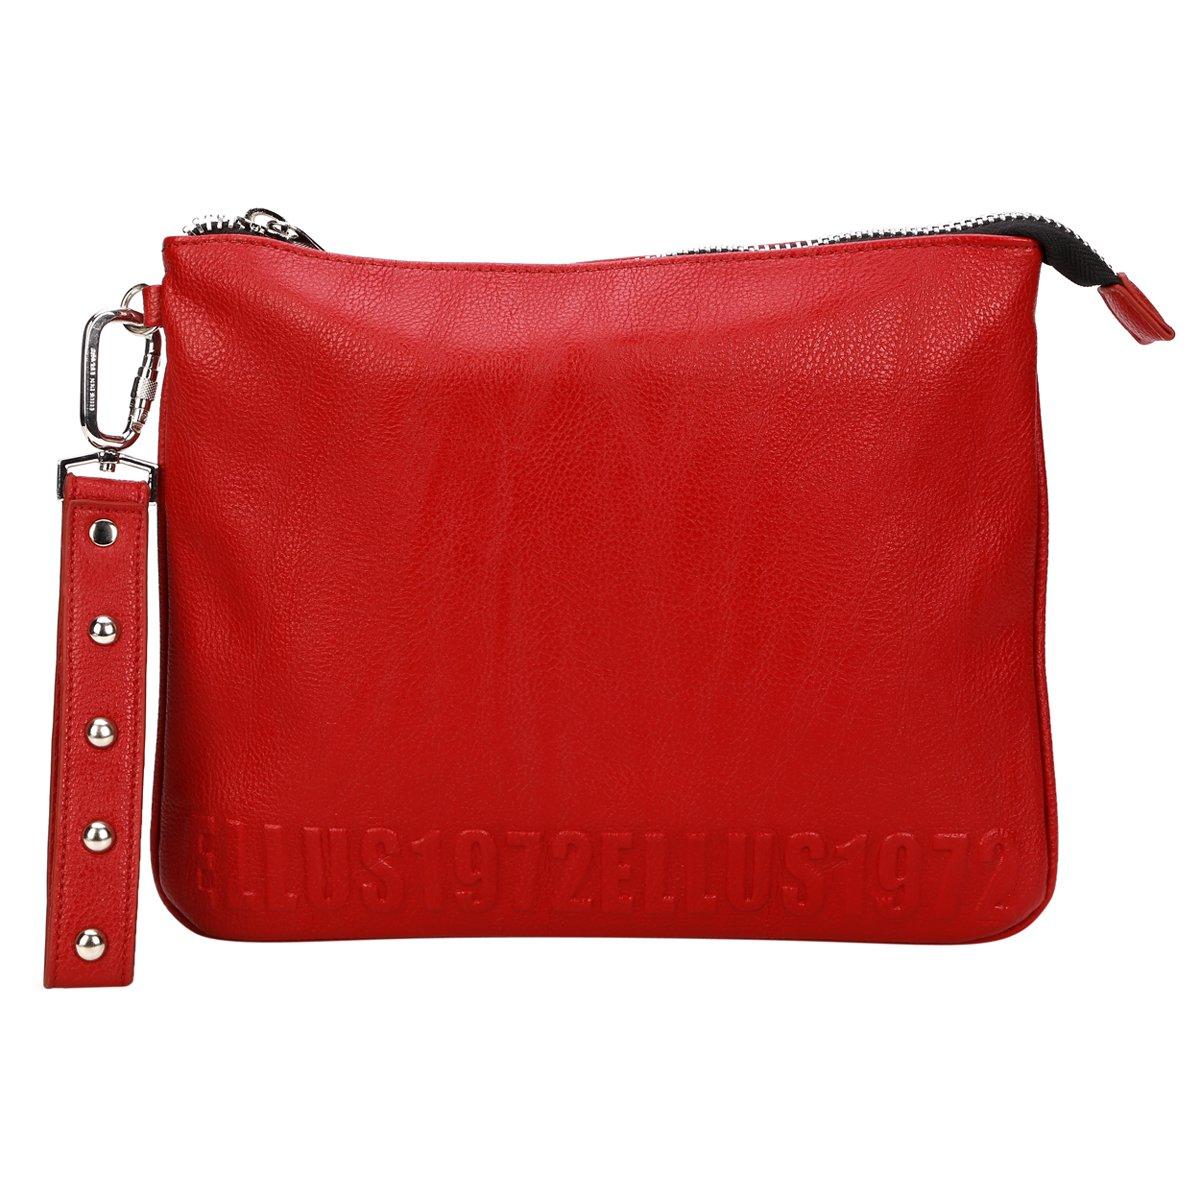 Bolsa Ellus Clutch Alto Relevo : Bolsa ellus clutch alto relevo vermelho